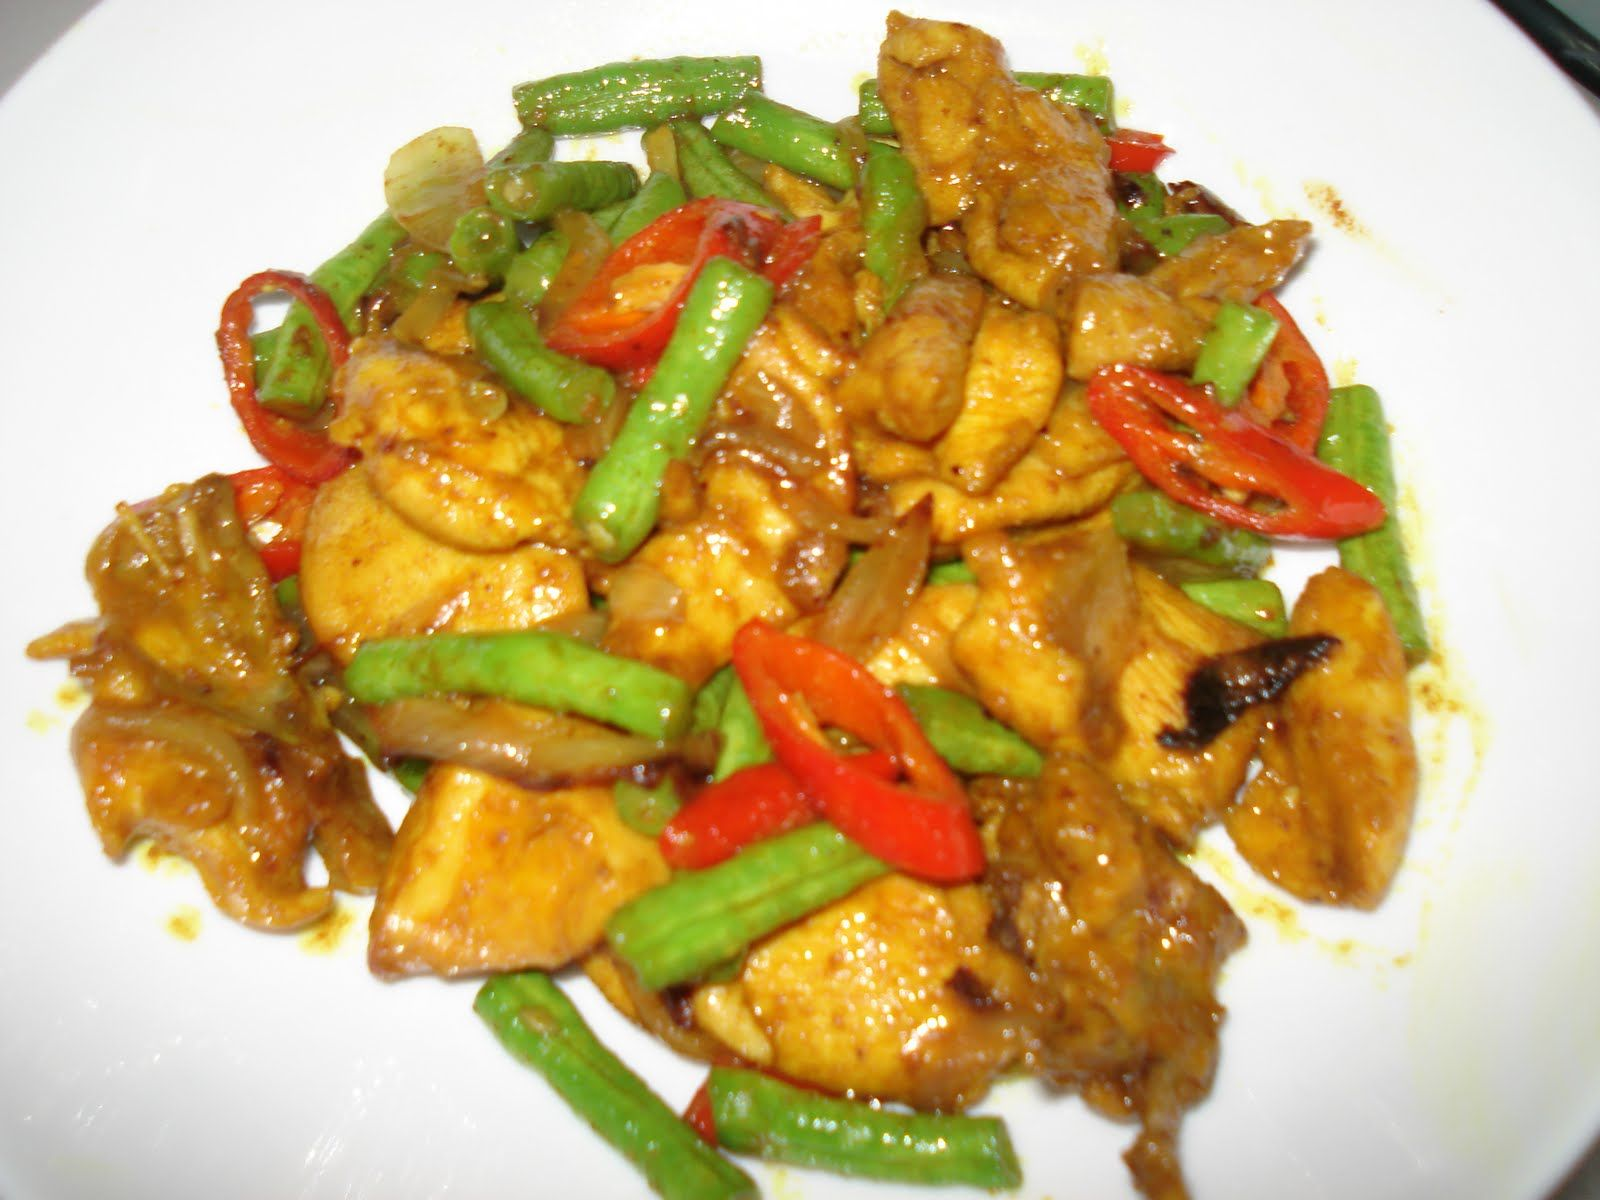 Koleksi Resepi Ayam Goreng Kunyit Crispy Arisa